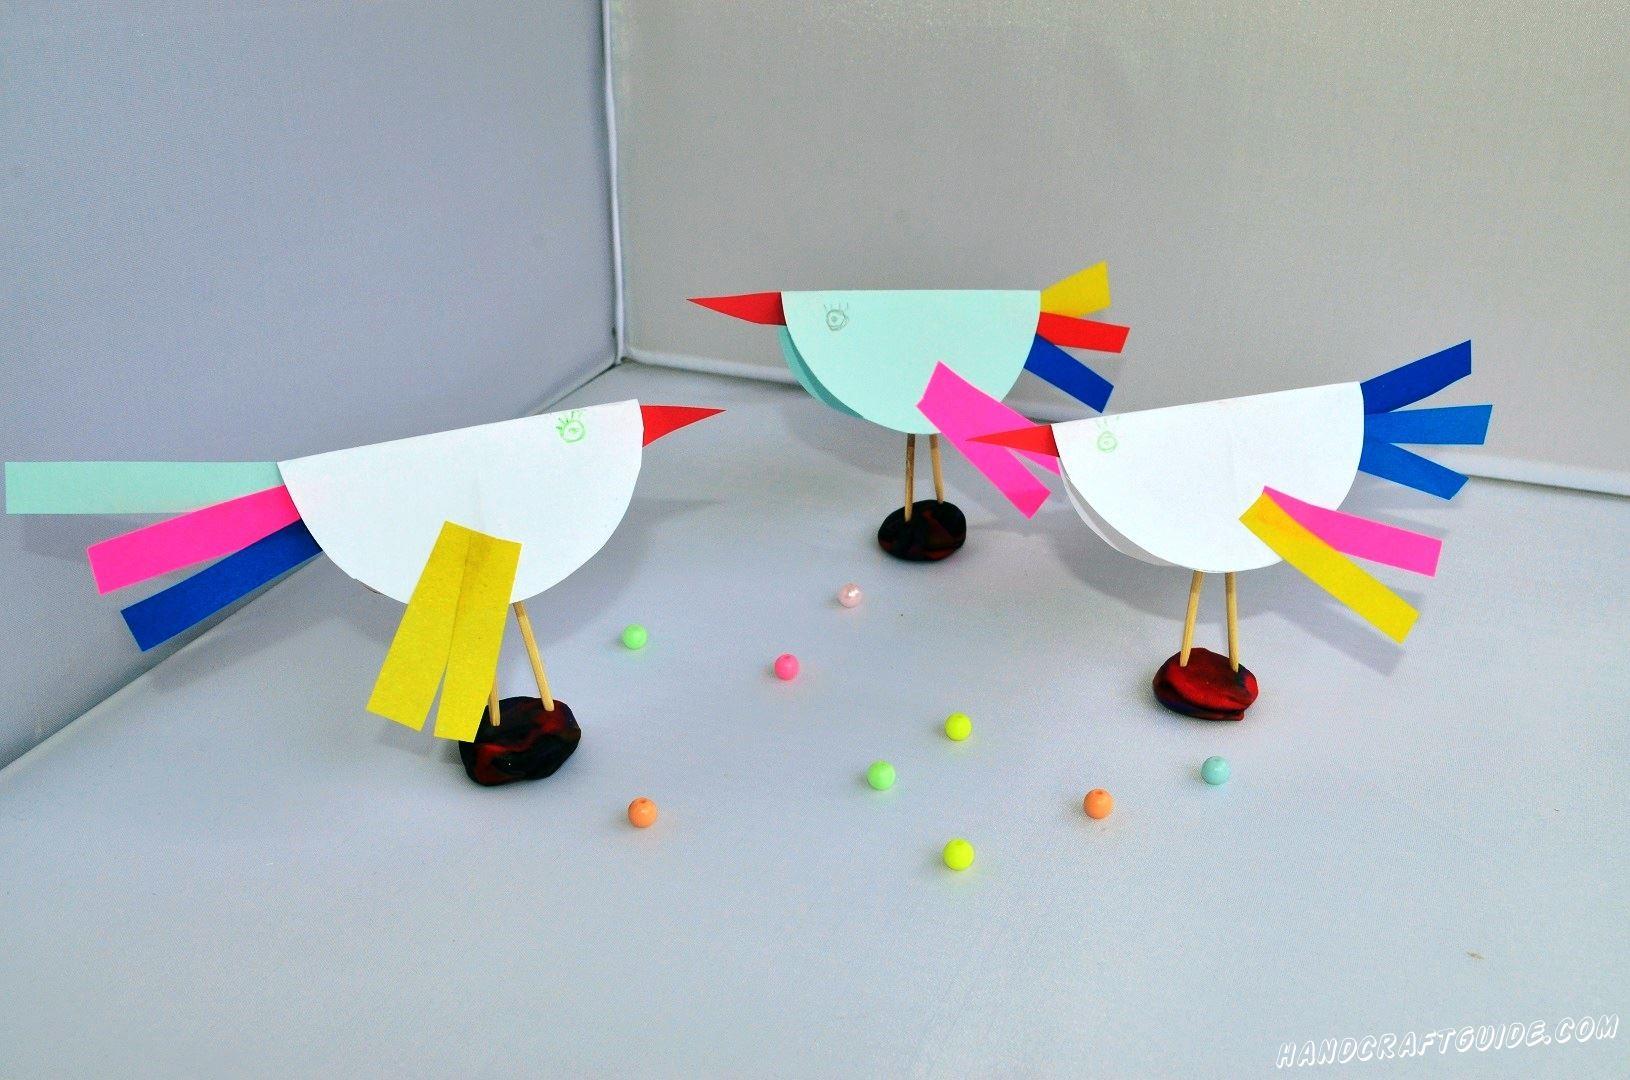 А что это за такие красивые птички из цветной бумаги к нам залетели? Такие птички могут быть и у вас, нужно приложить совсем немного усилий